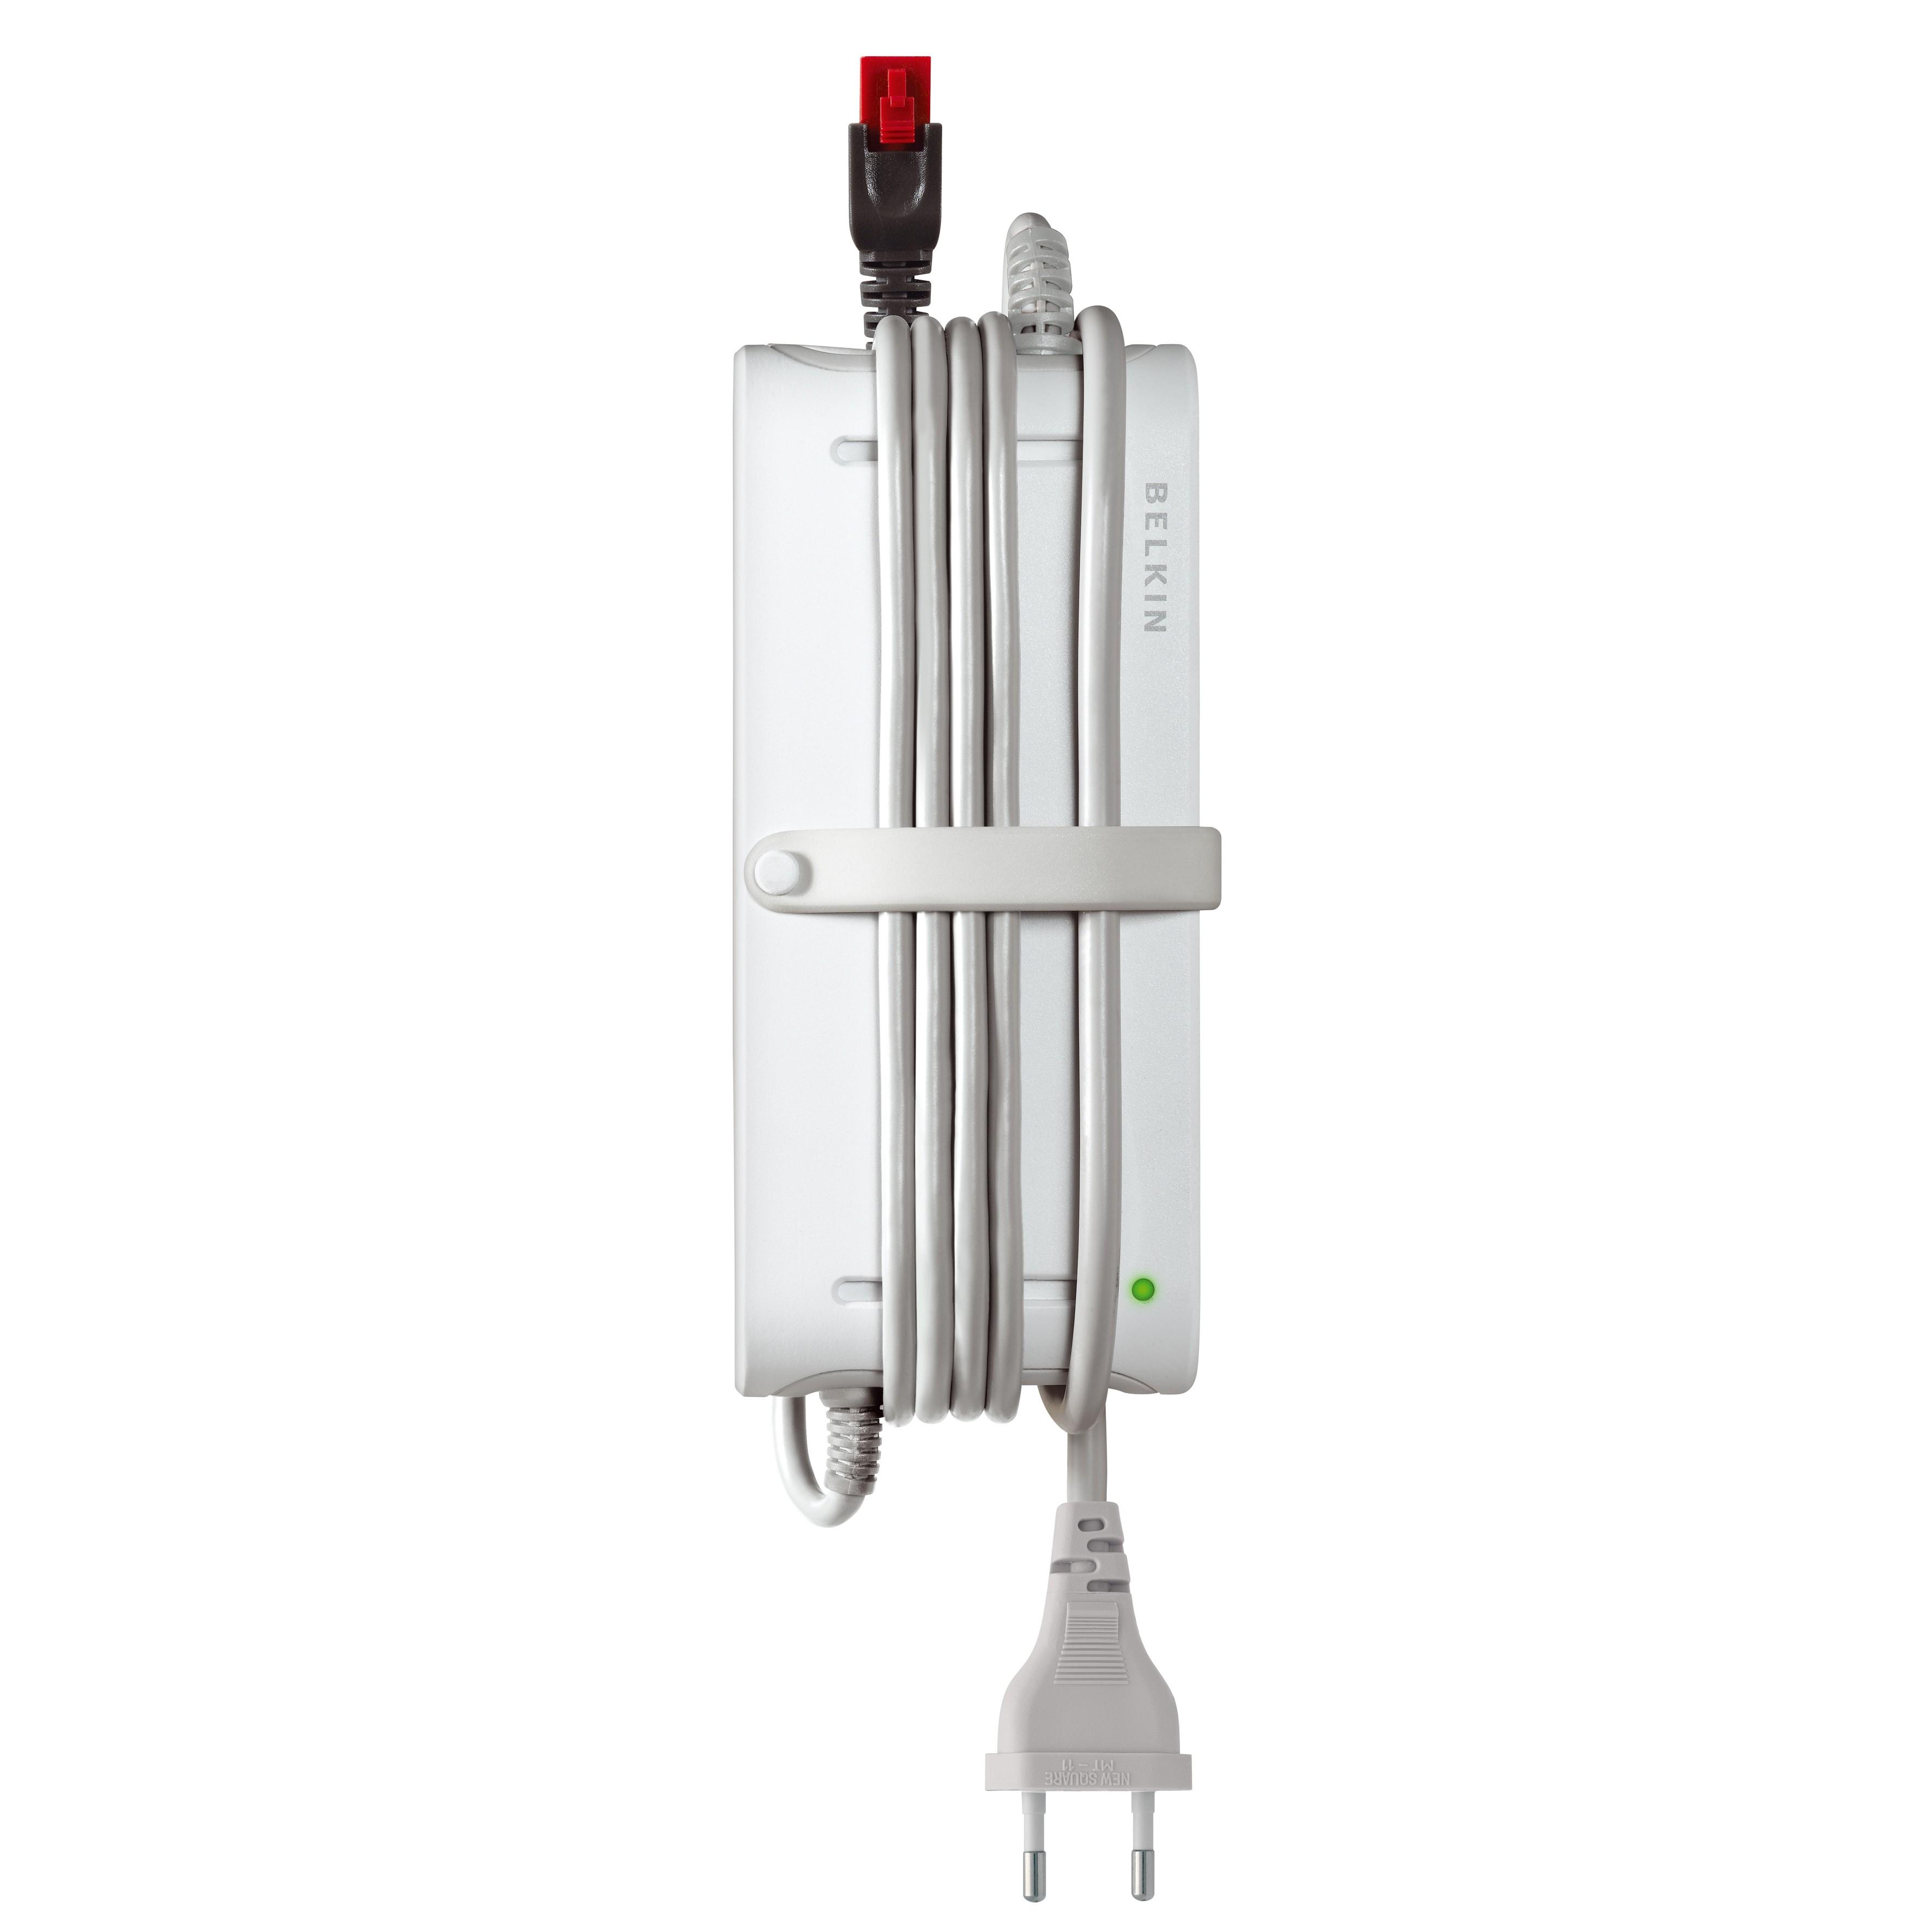 Belkin Universal Bærbar Strømforsyningsadapter m/ USB Port - Hvid